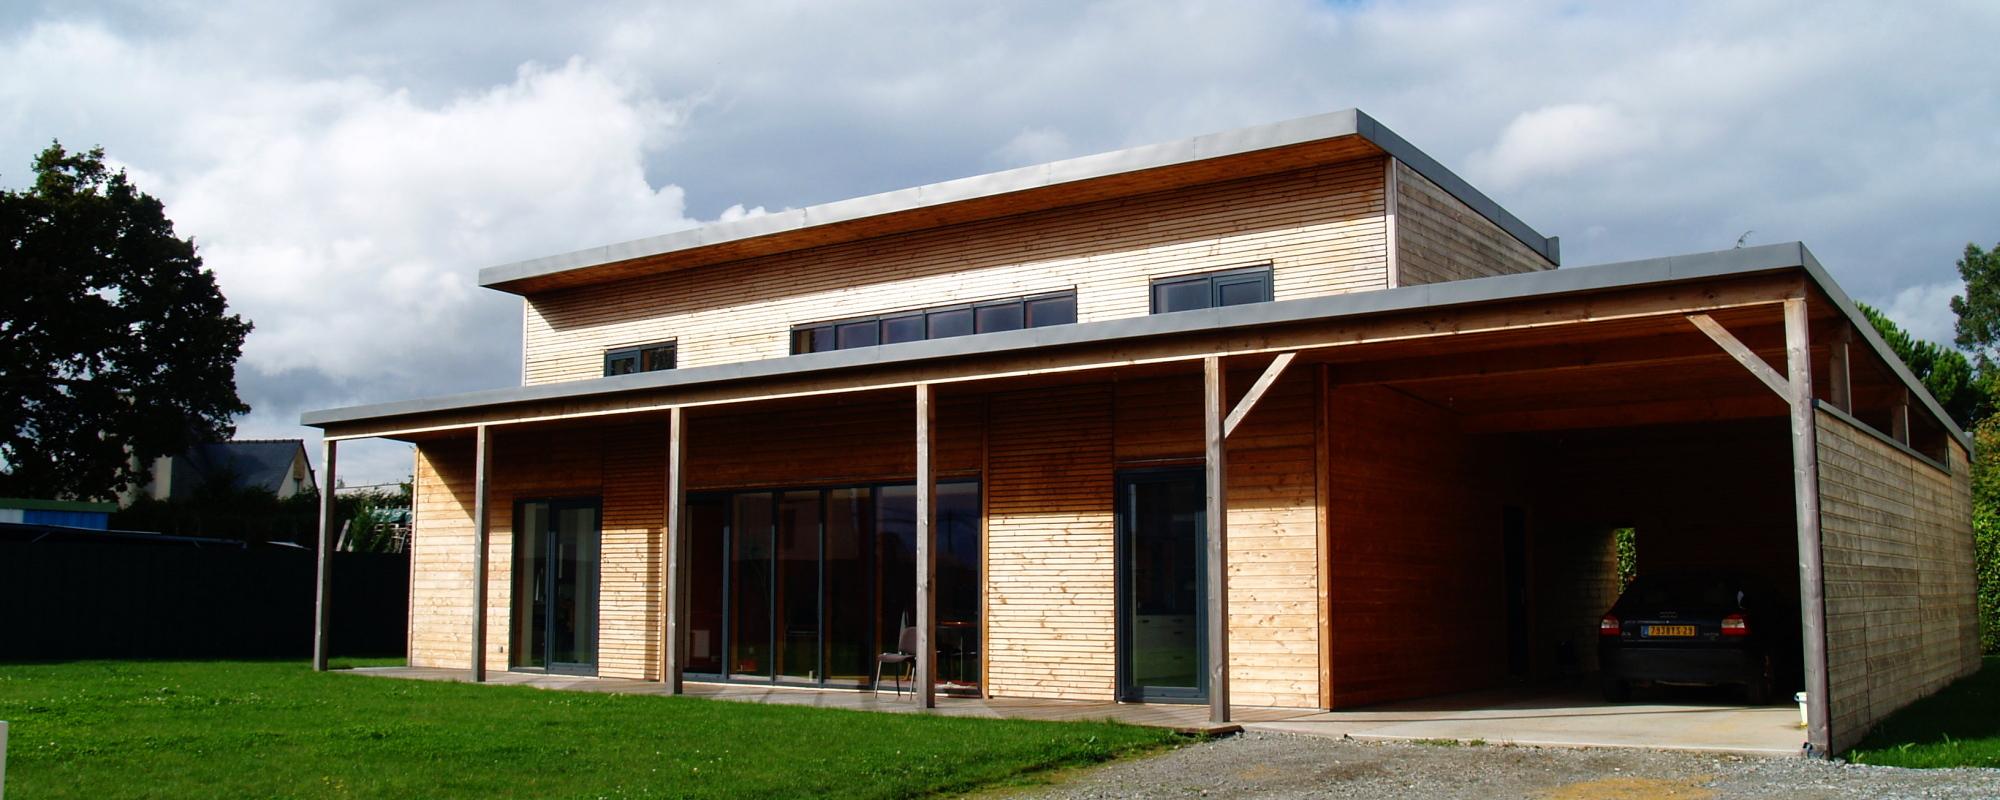 Habitation biocliamatique BBC